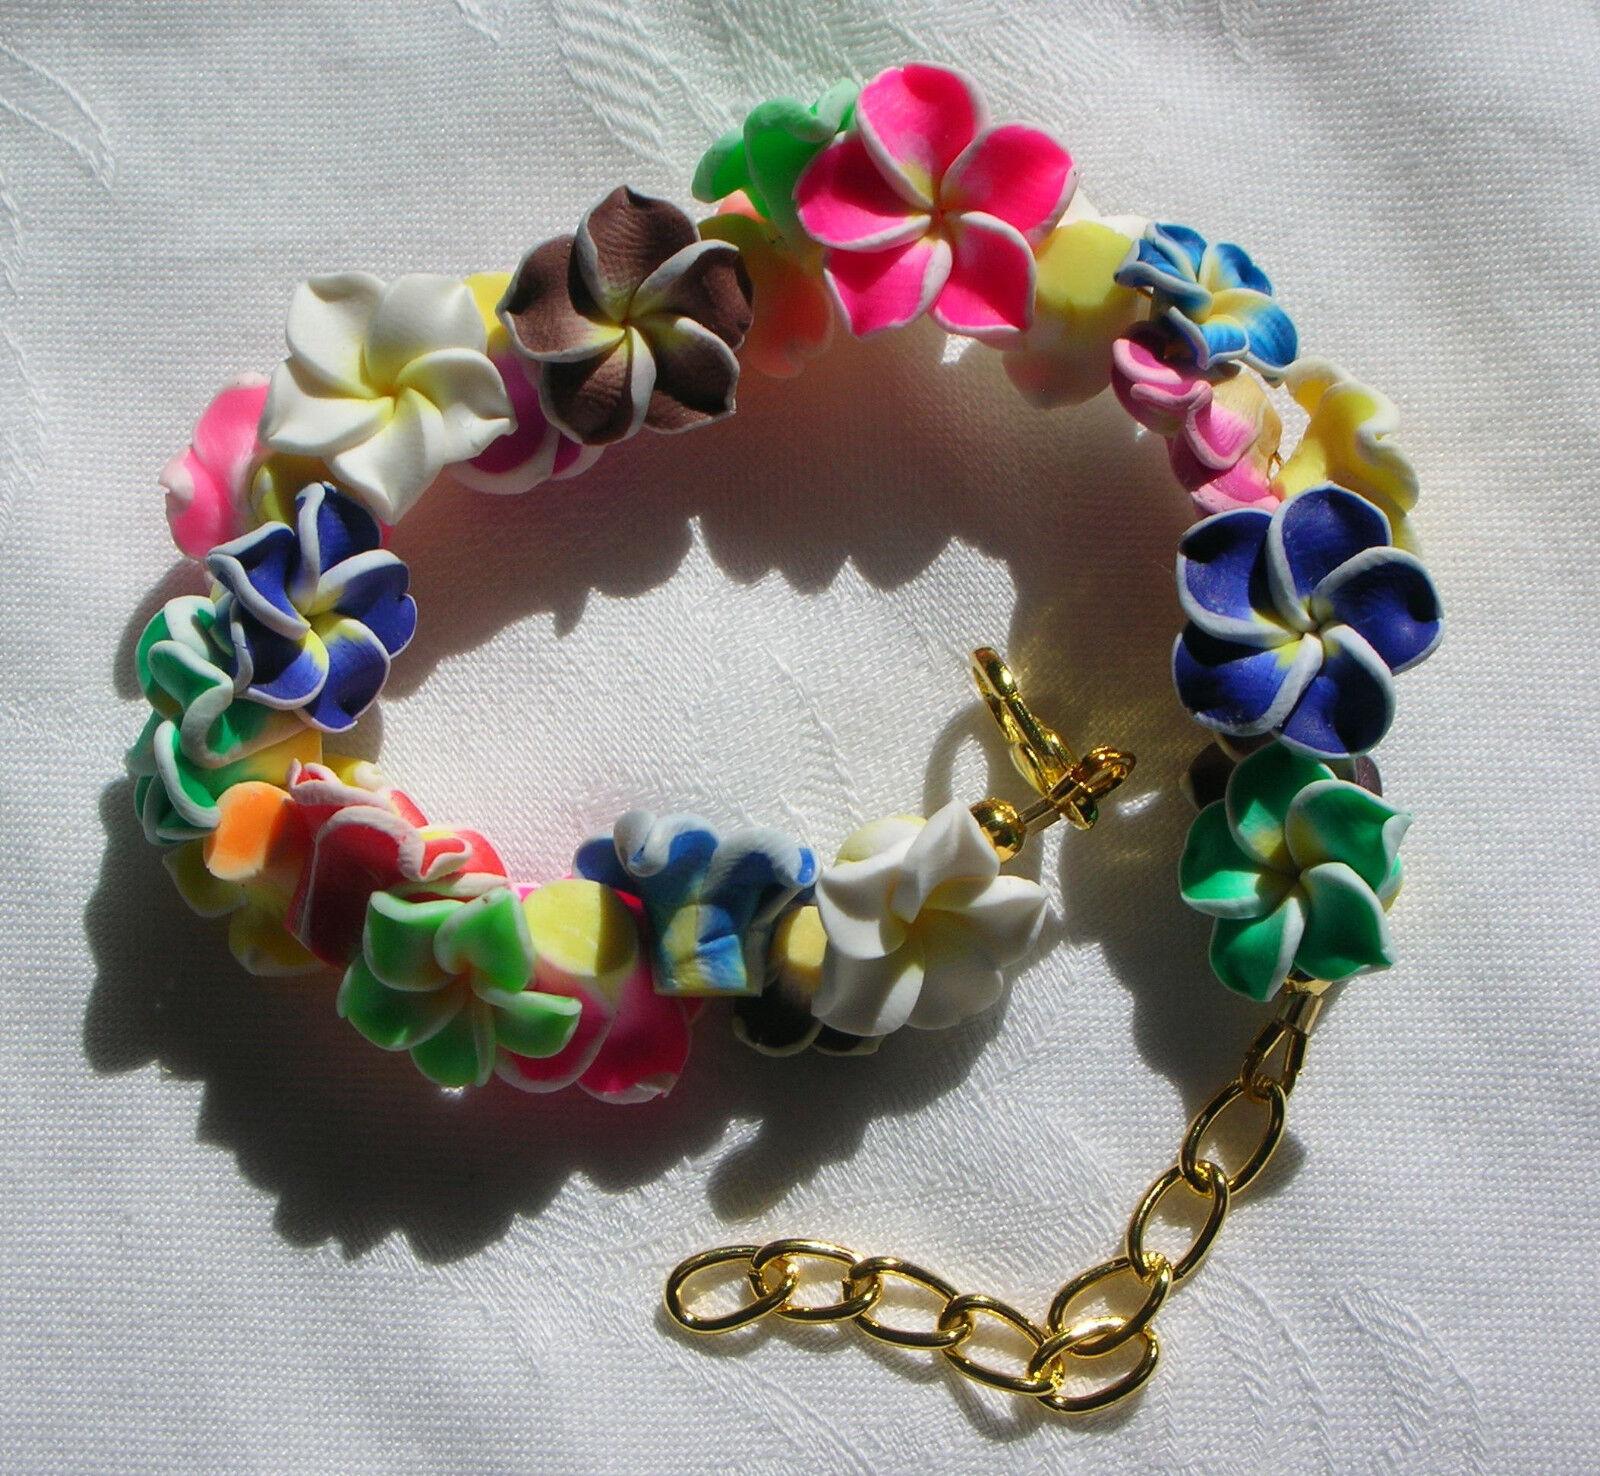 Armband Armreif Hawaii Lei Hibiskus Fimo Blüten Blumen bunt StyleTeacherAgency